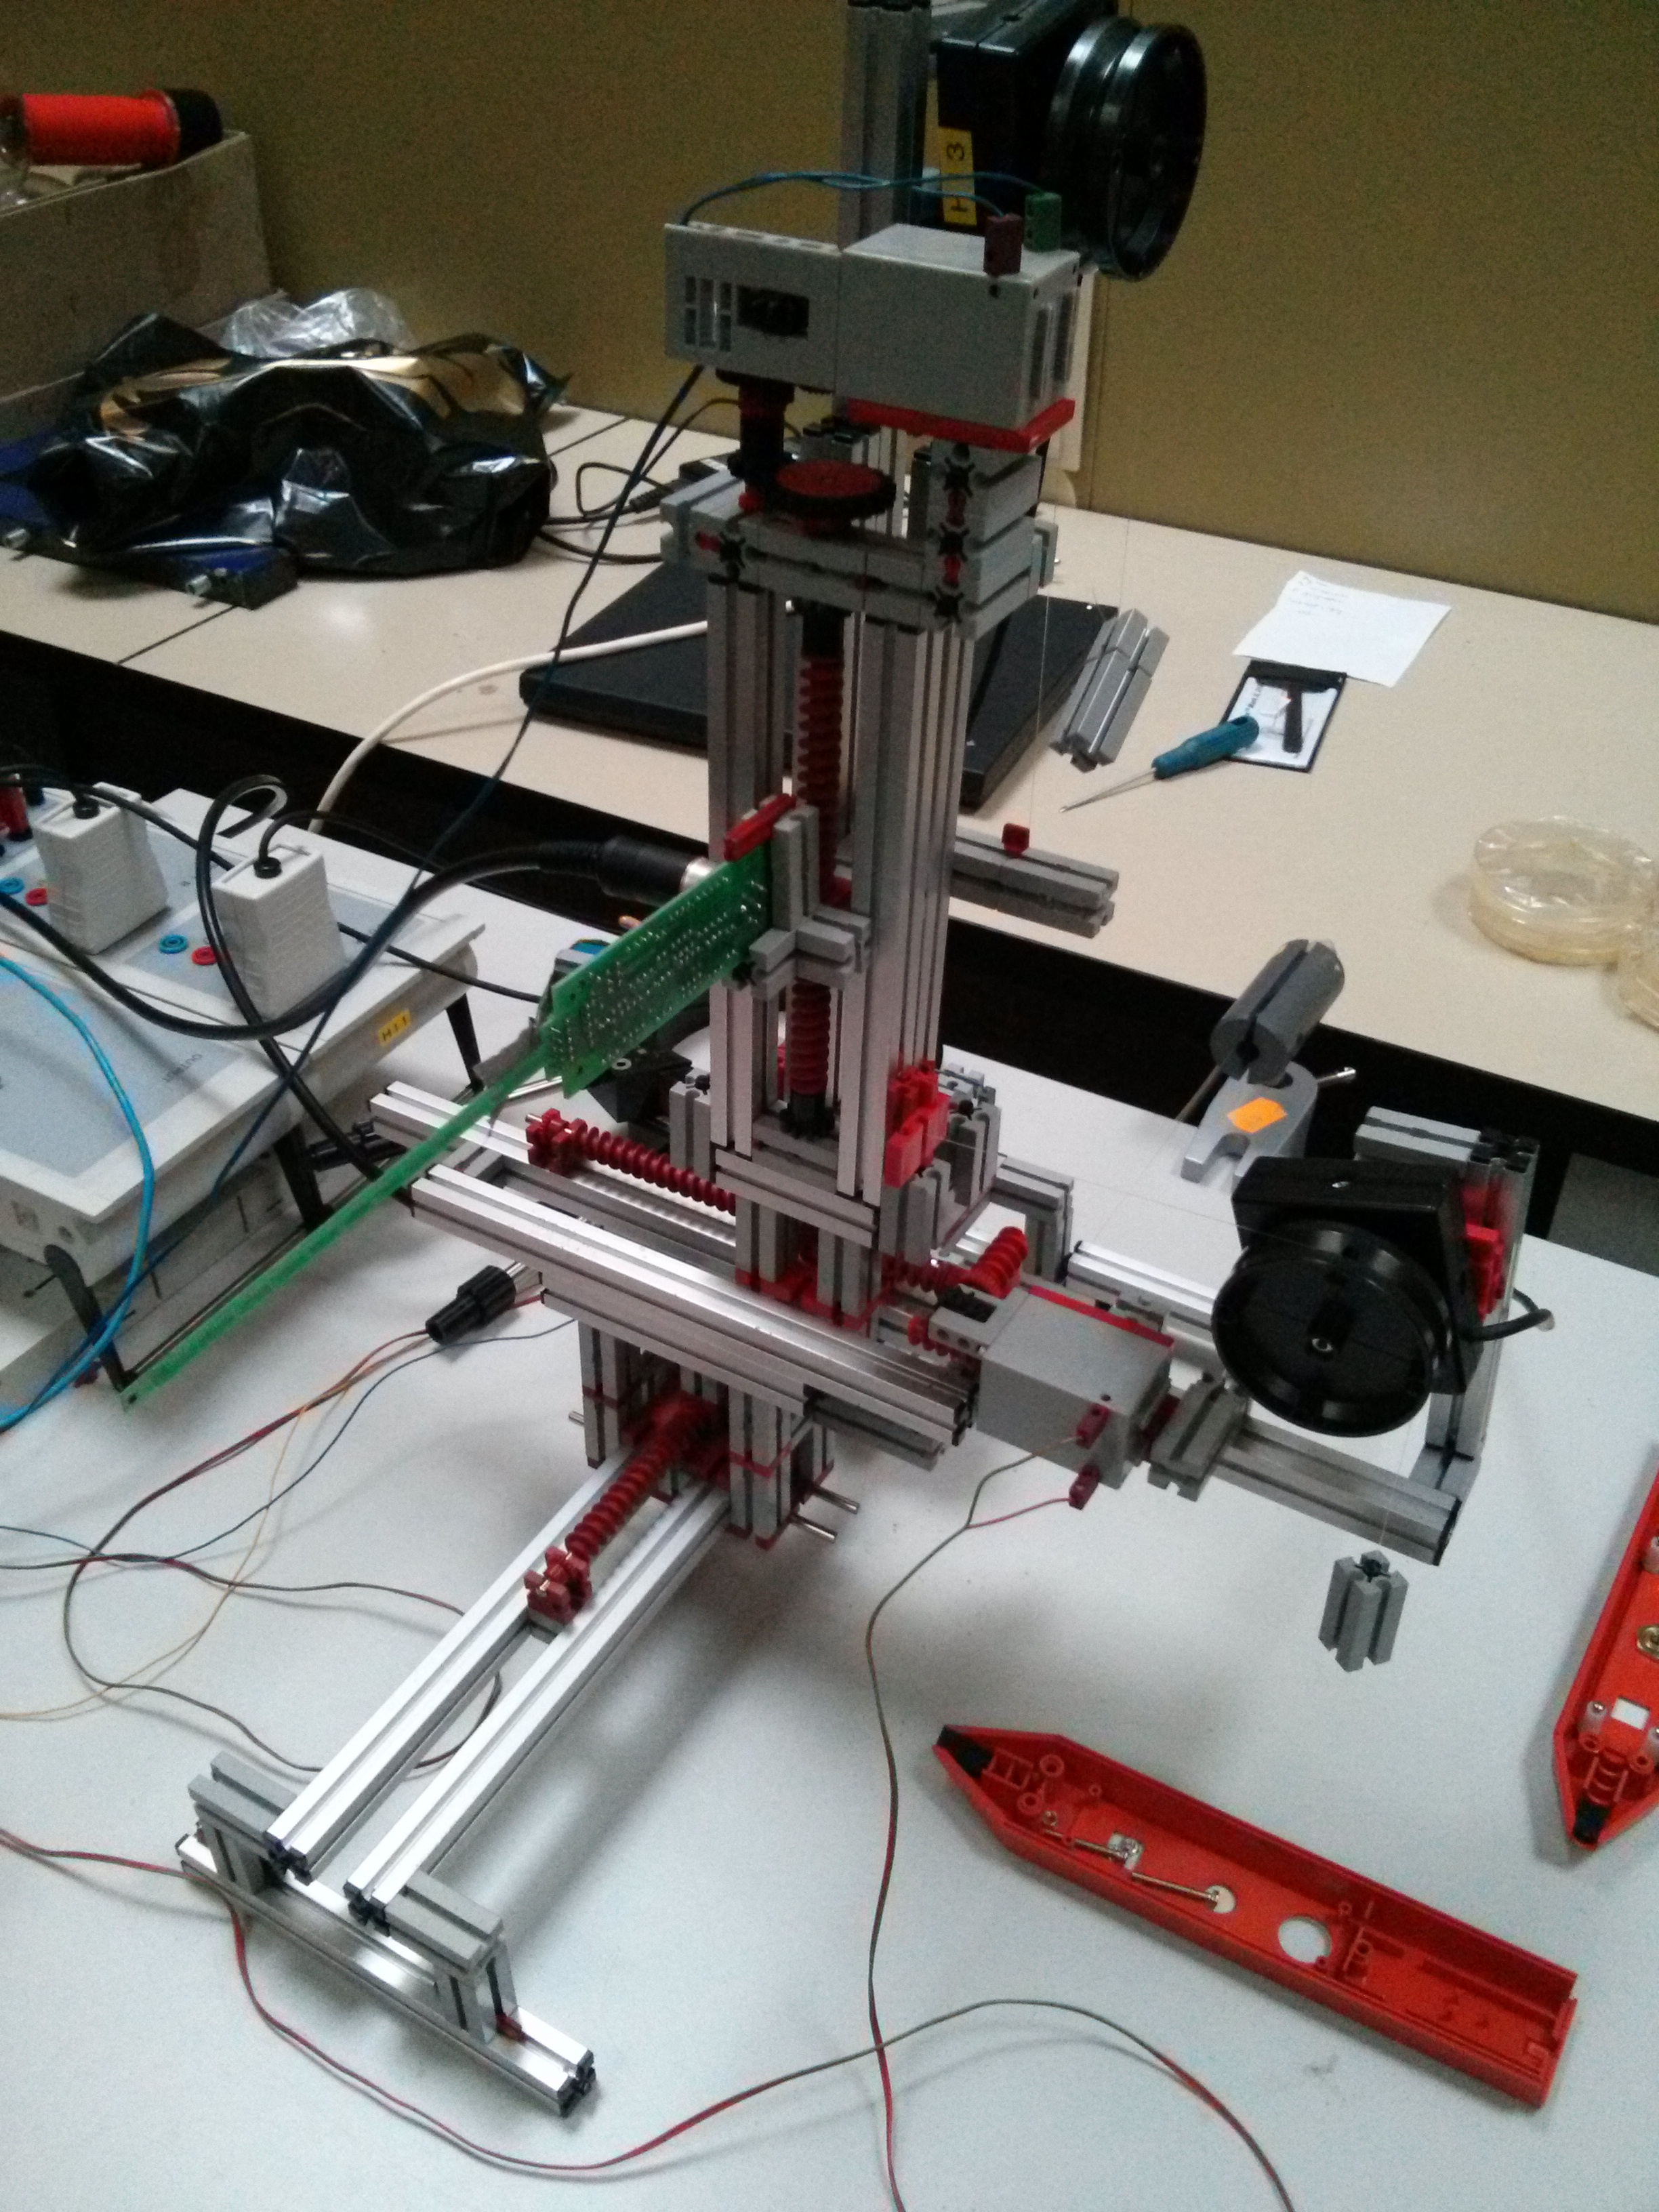 Aufbau für Jugend forscht mit Sensoren